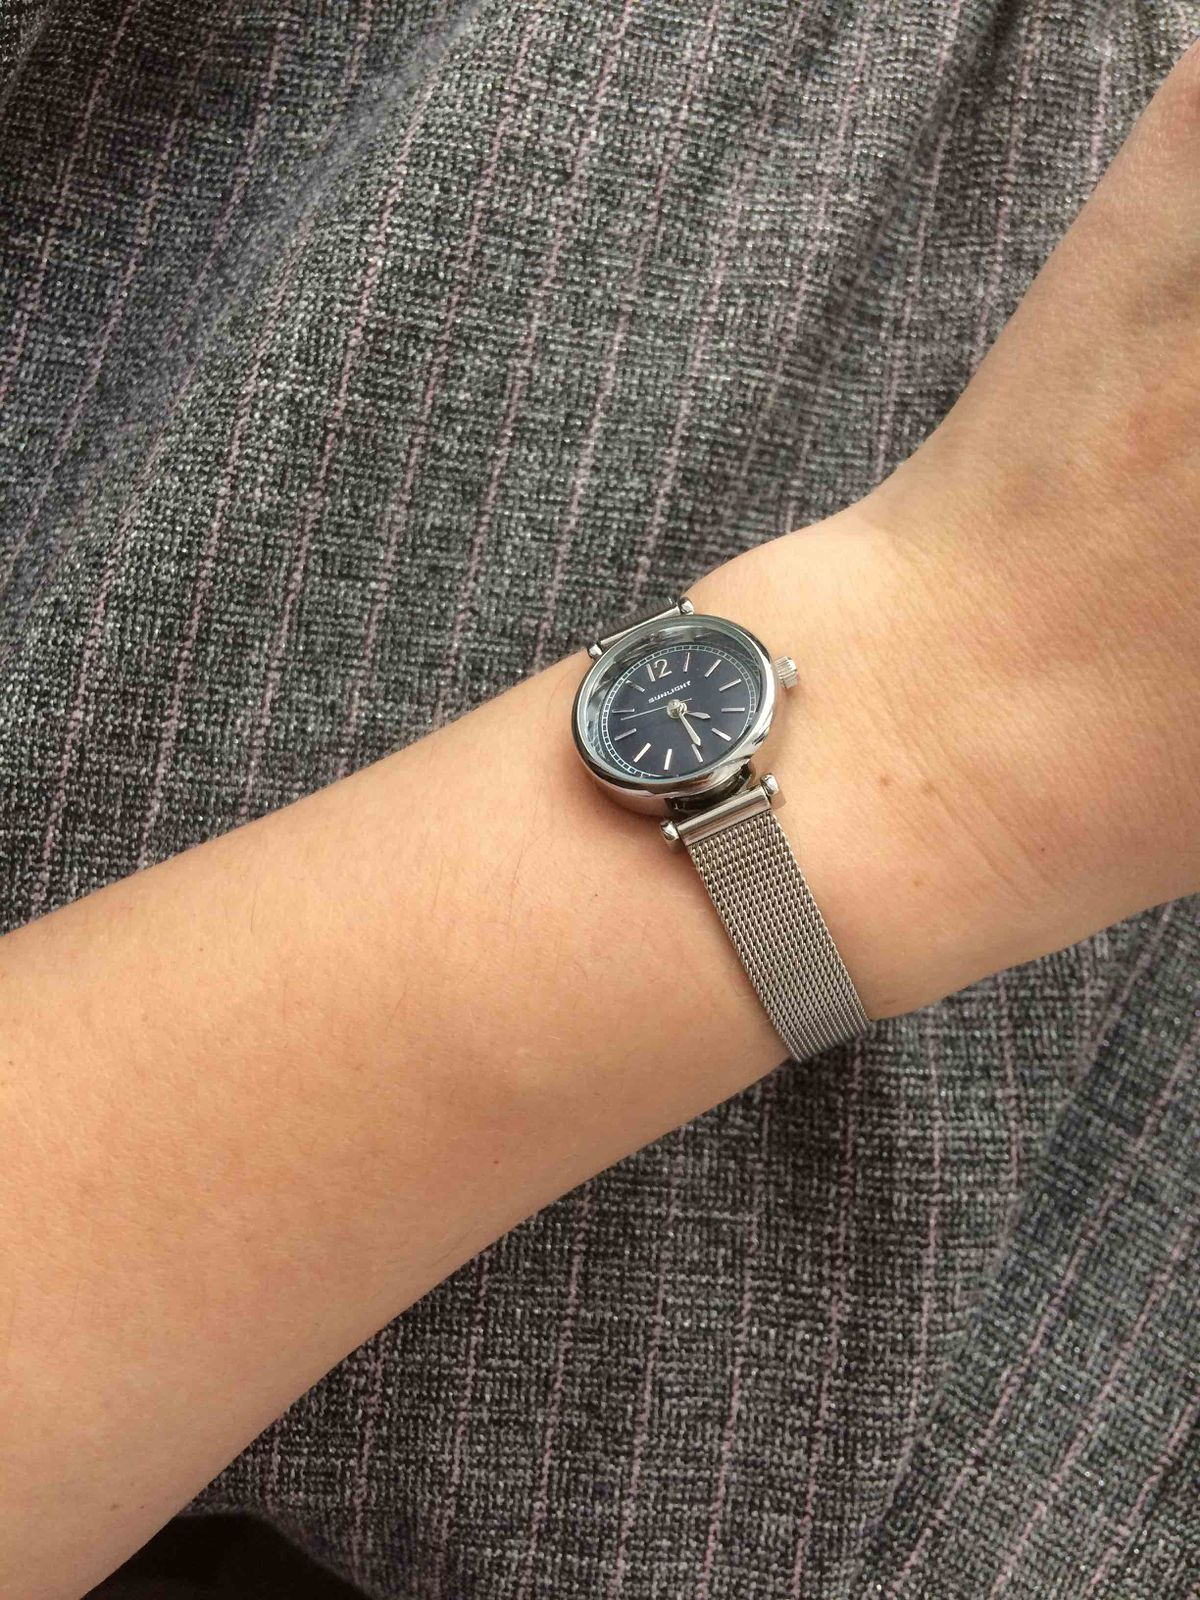 Купила часы!